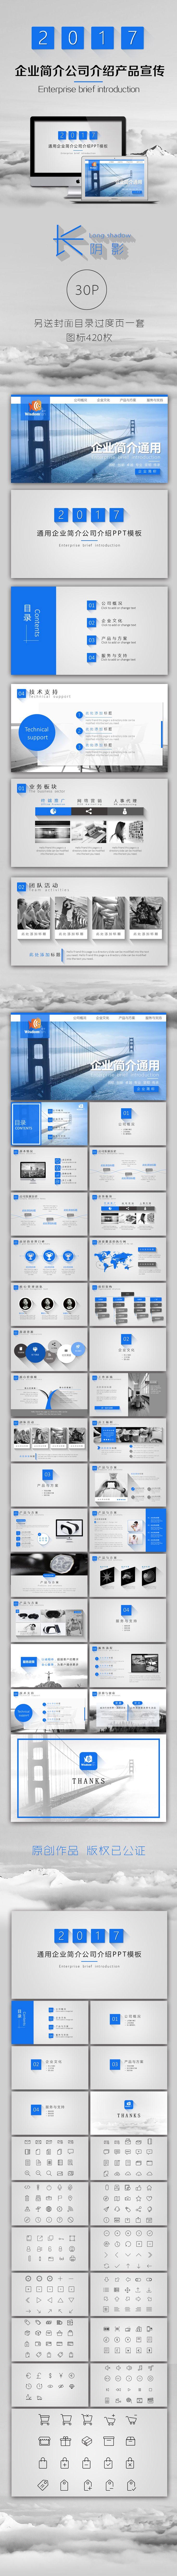 【智宇】长阴影蓝色企业简介公司介绍产品宣传ppt模板支持全动态通用一键换色